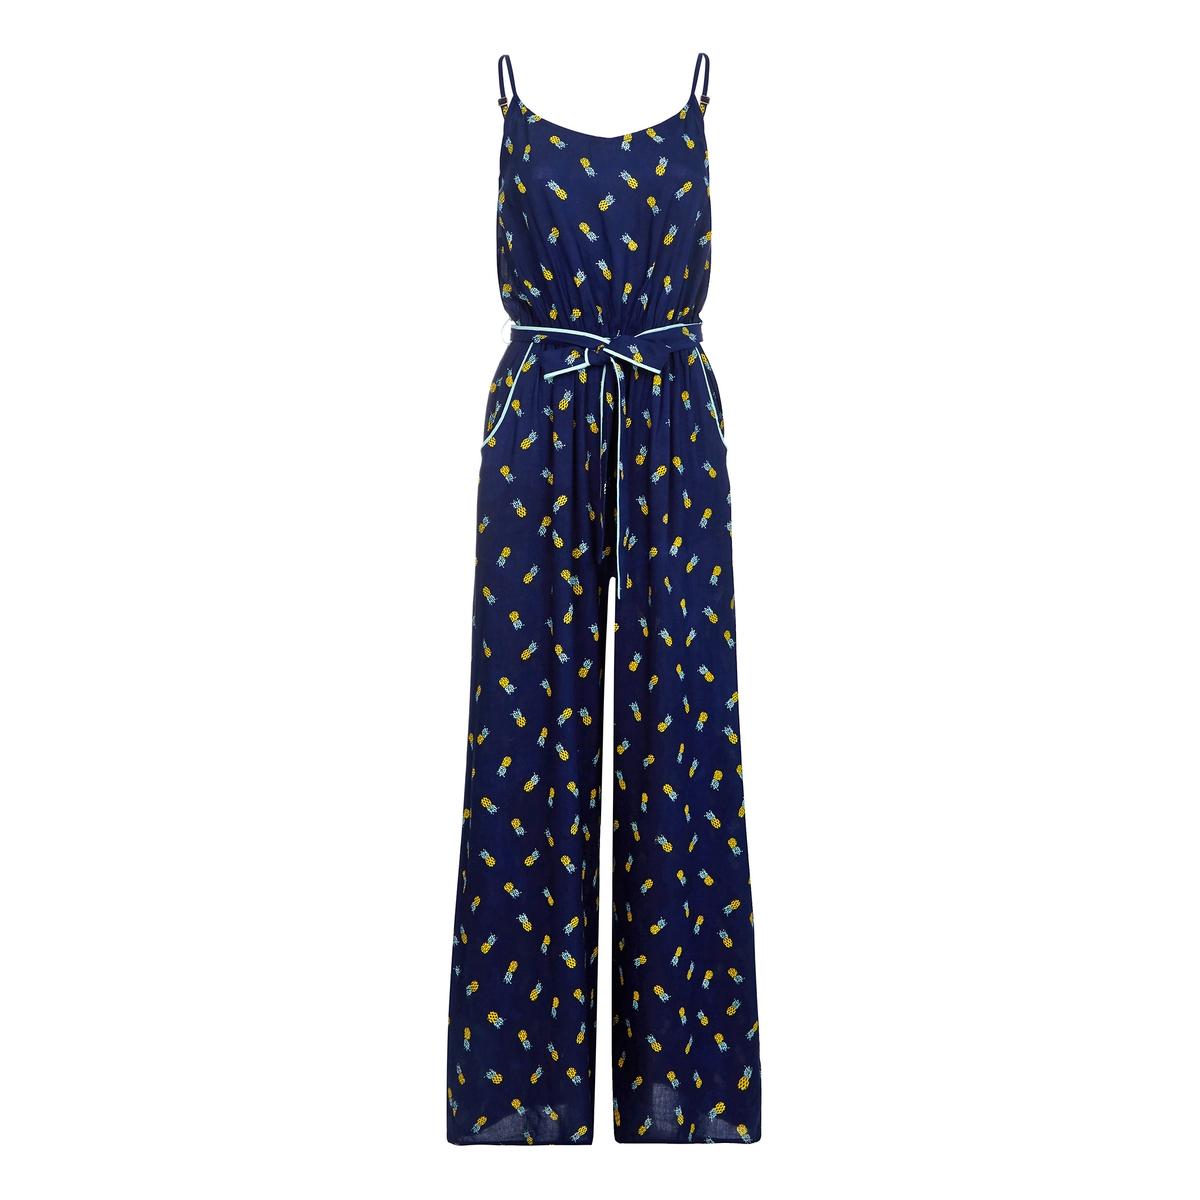 Комбинезон с брюками, широкий, с рисункомДетали  •  Свободный, широкий покрой •  Рисунок-принт Состав и уход  •  100% вискоза •  Следуйте рекомендациям по уходу, указанным на этикетке изделия<br><br>Цвет: темно-синий<br>Размер: 44 (FR) - 50 (RUS)